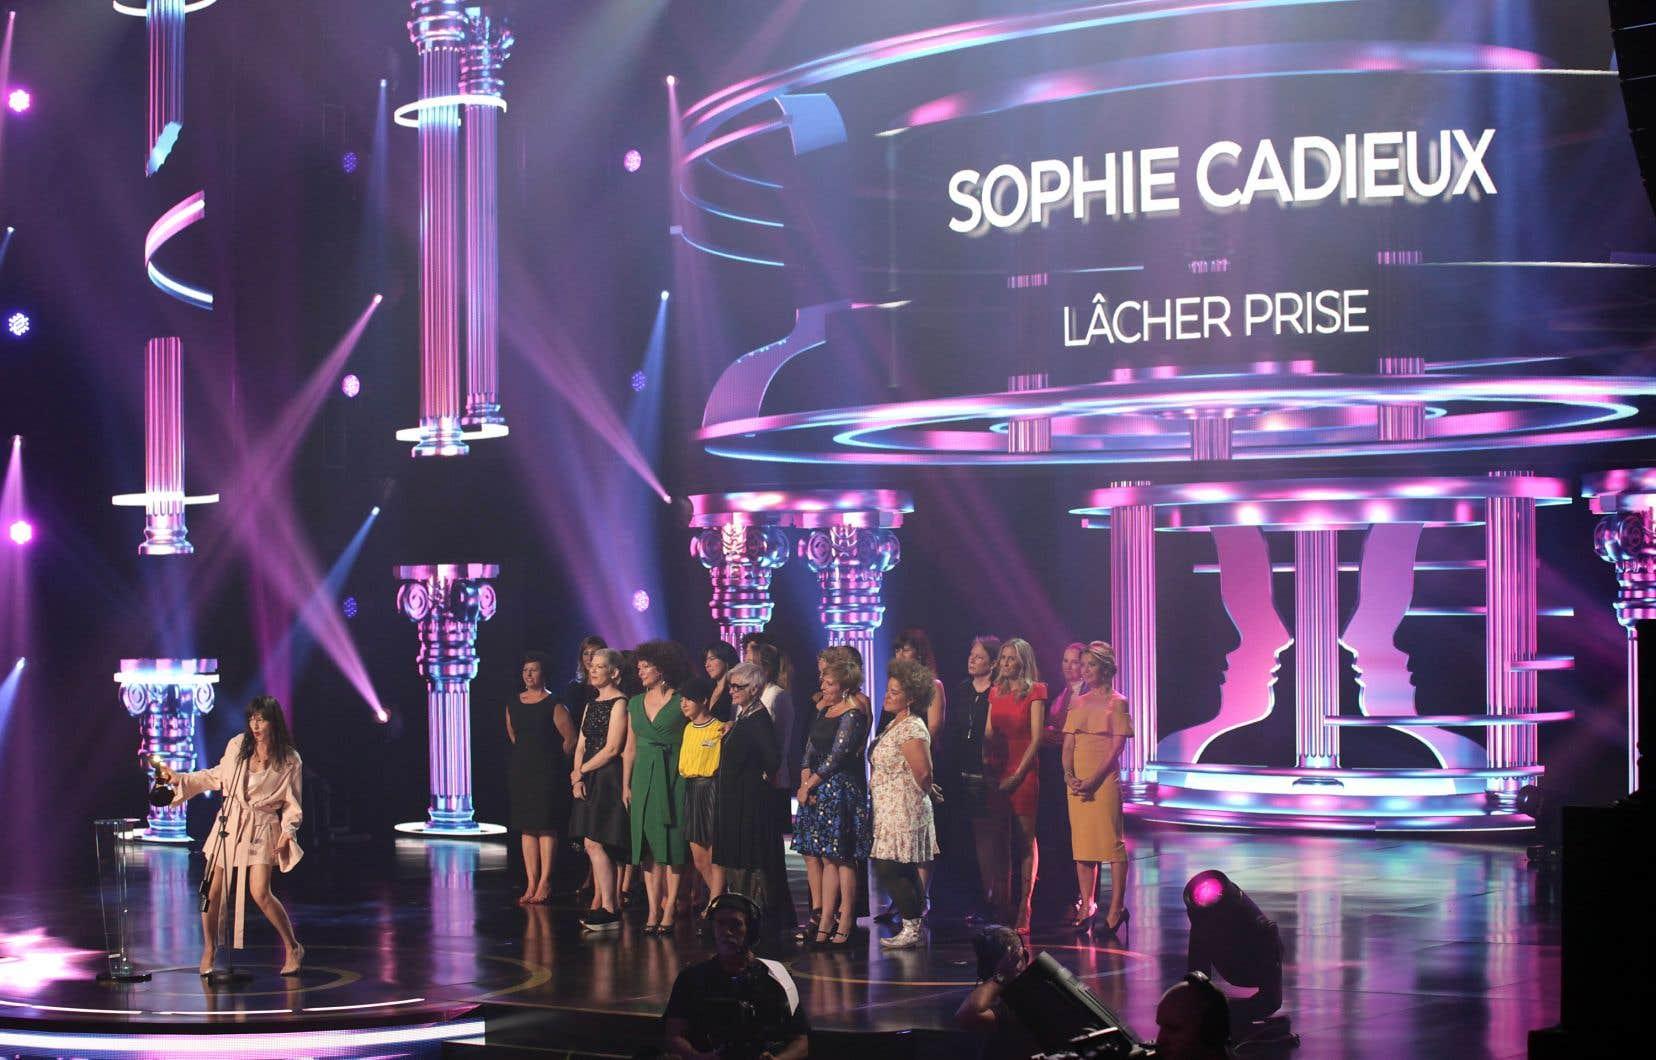 Sophie Cadieux a remporté le prix du premier rôle féminin, entourée de l'équipe de «Lâcher prise», qui a obtenu au total six Gémeaux : meilleure comédie, meilleur texte, meilleure réalisation et les meilleurs rôles de soutien masculin et féminin.